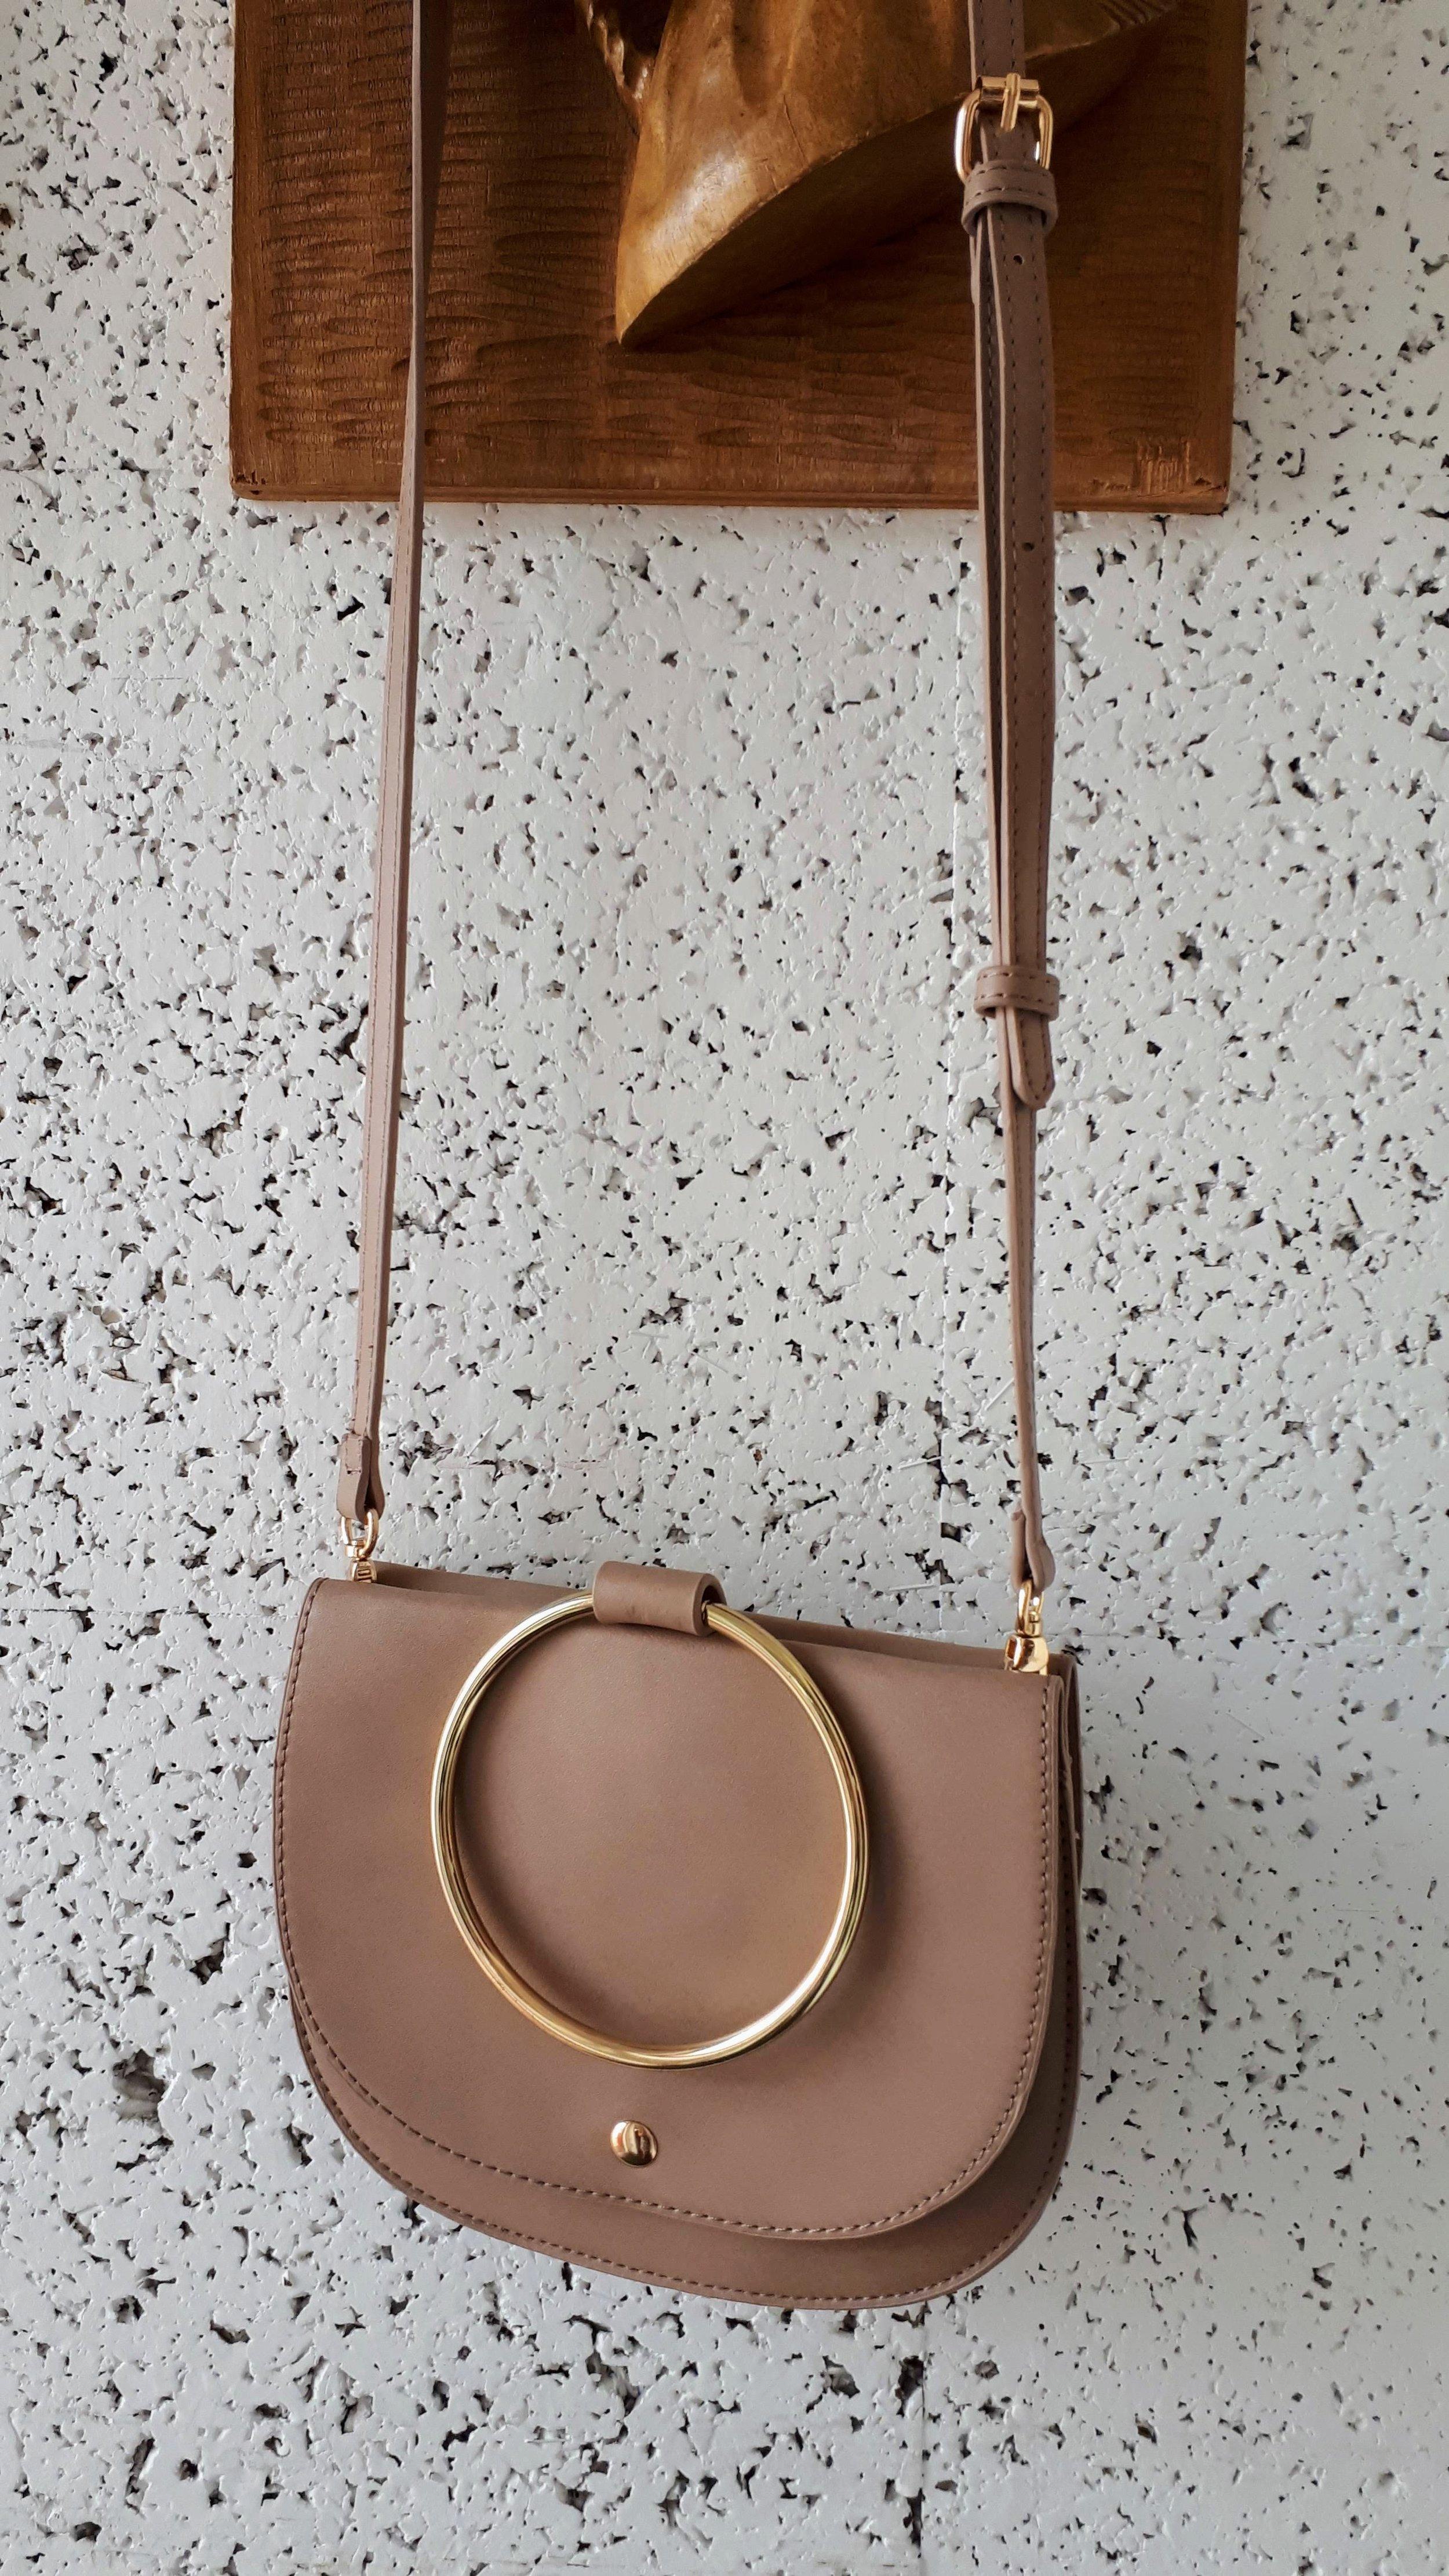 Madison West purse, $18